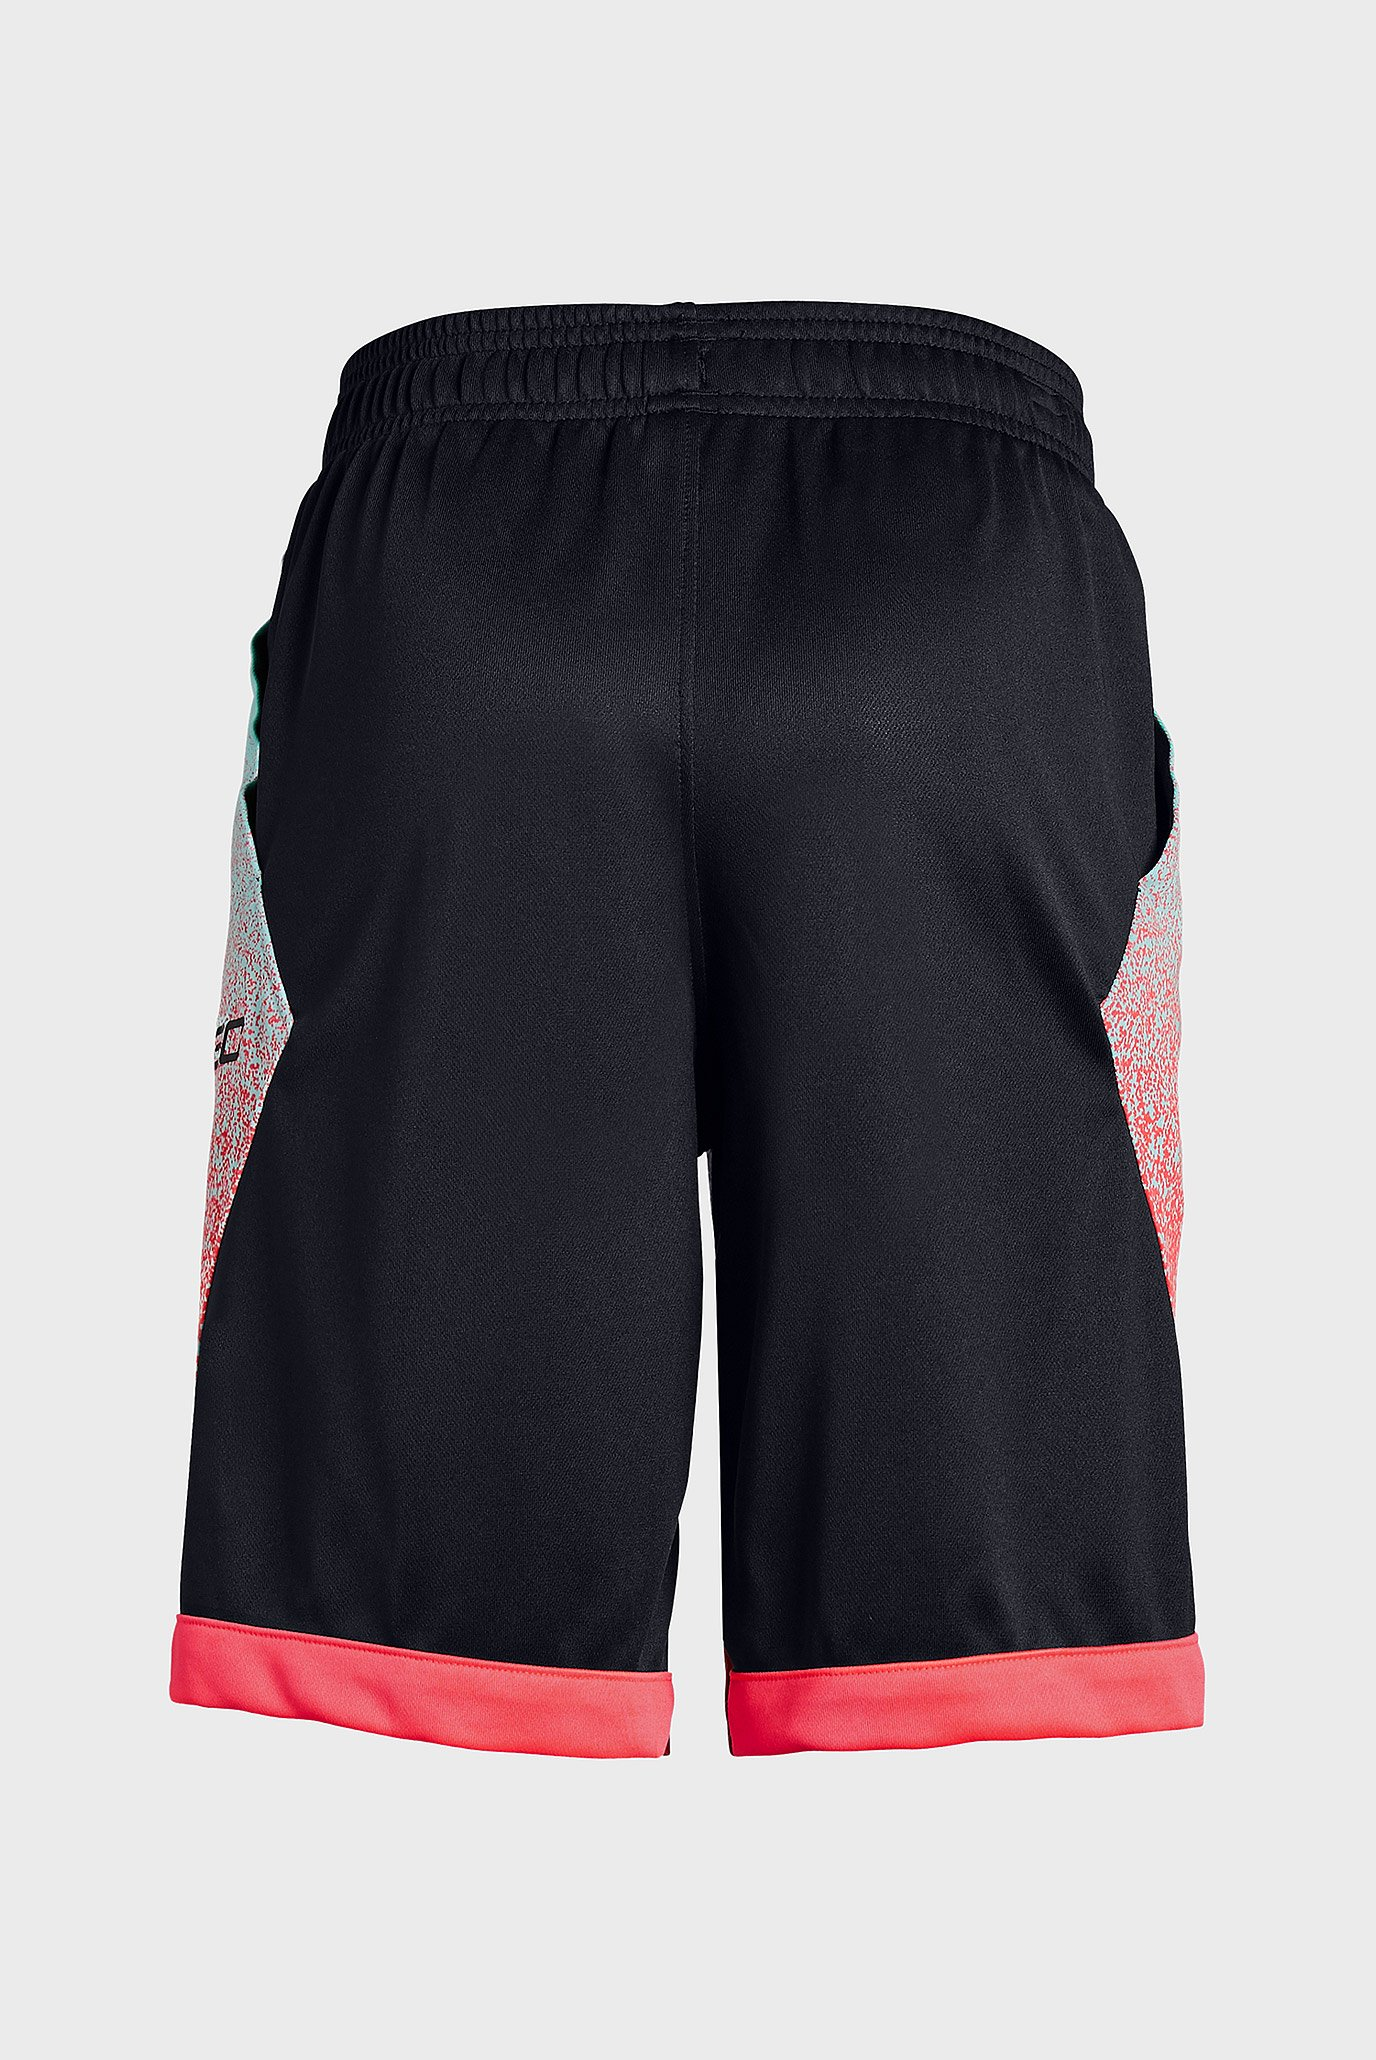 Купить Детские бирюзовые шорты SC30 Short Under Armour Under Armour 1329029-361 – Киев, Украина. Цены в интернет магазине MD Fashion